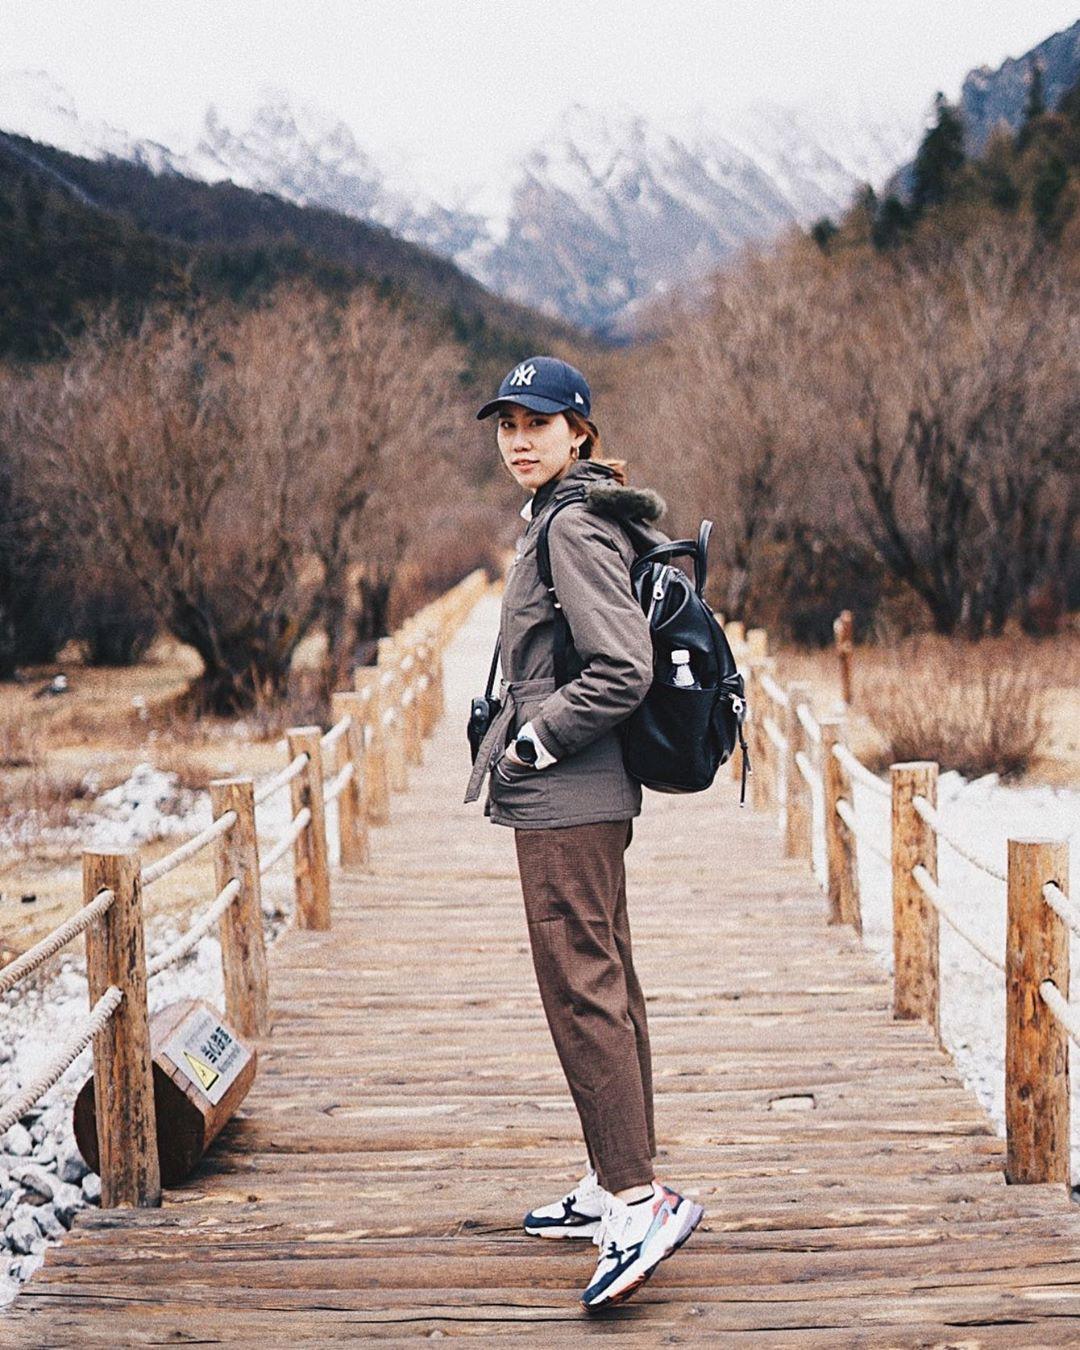 Ít ai biết Trung Quốc có một nơi được mệnh danh tận cùng nhân gian: Đường đi vô cùng khó khăn, phong cảnh đẹp đến choáng ngợp! - Ảnh 2.